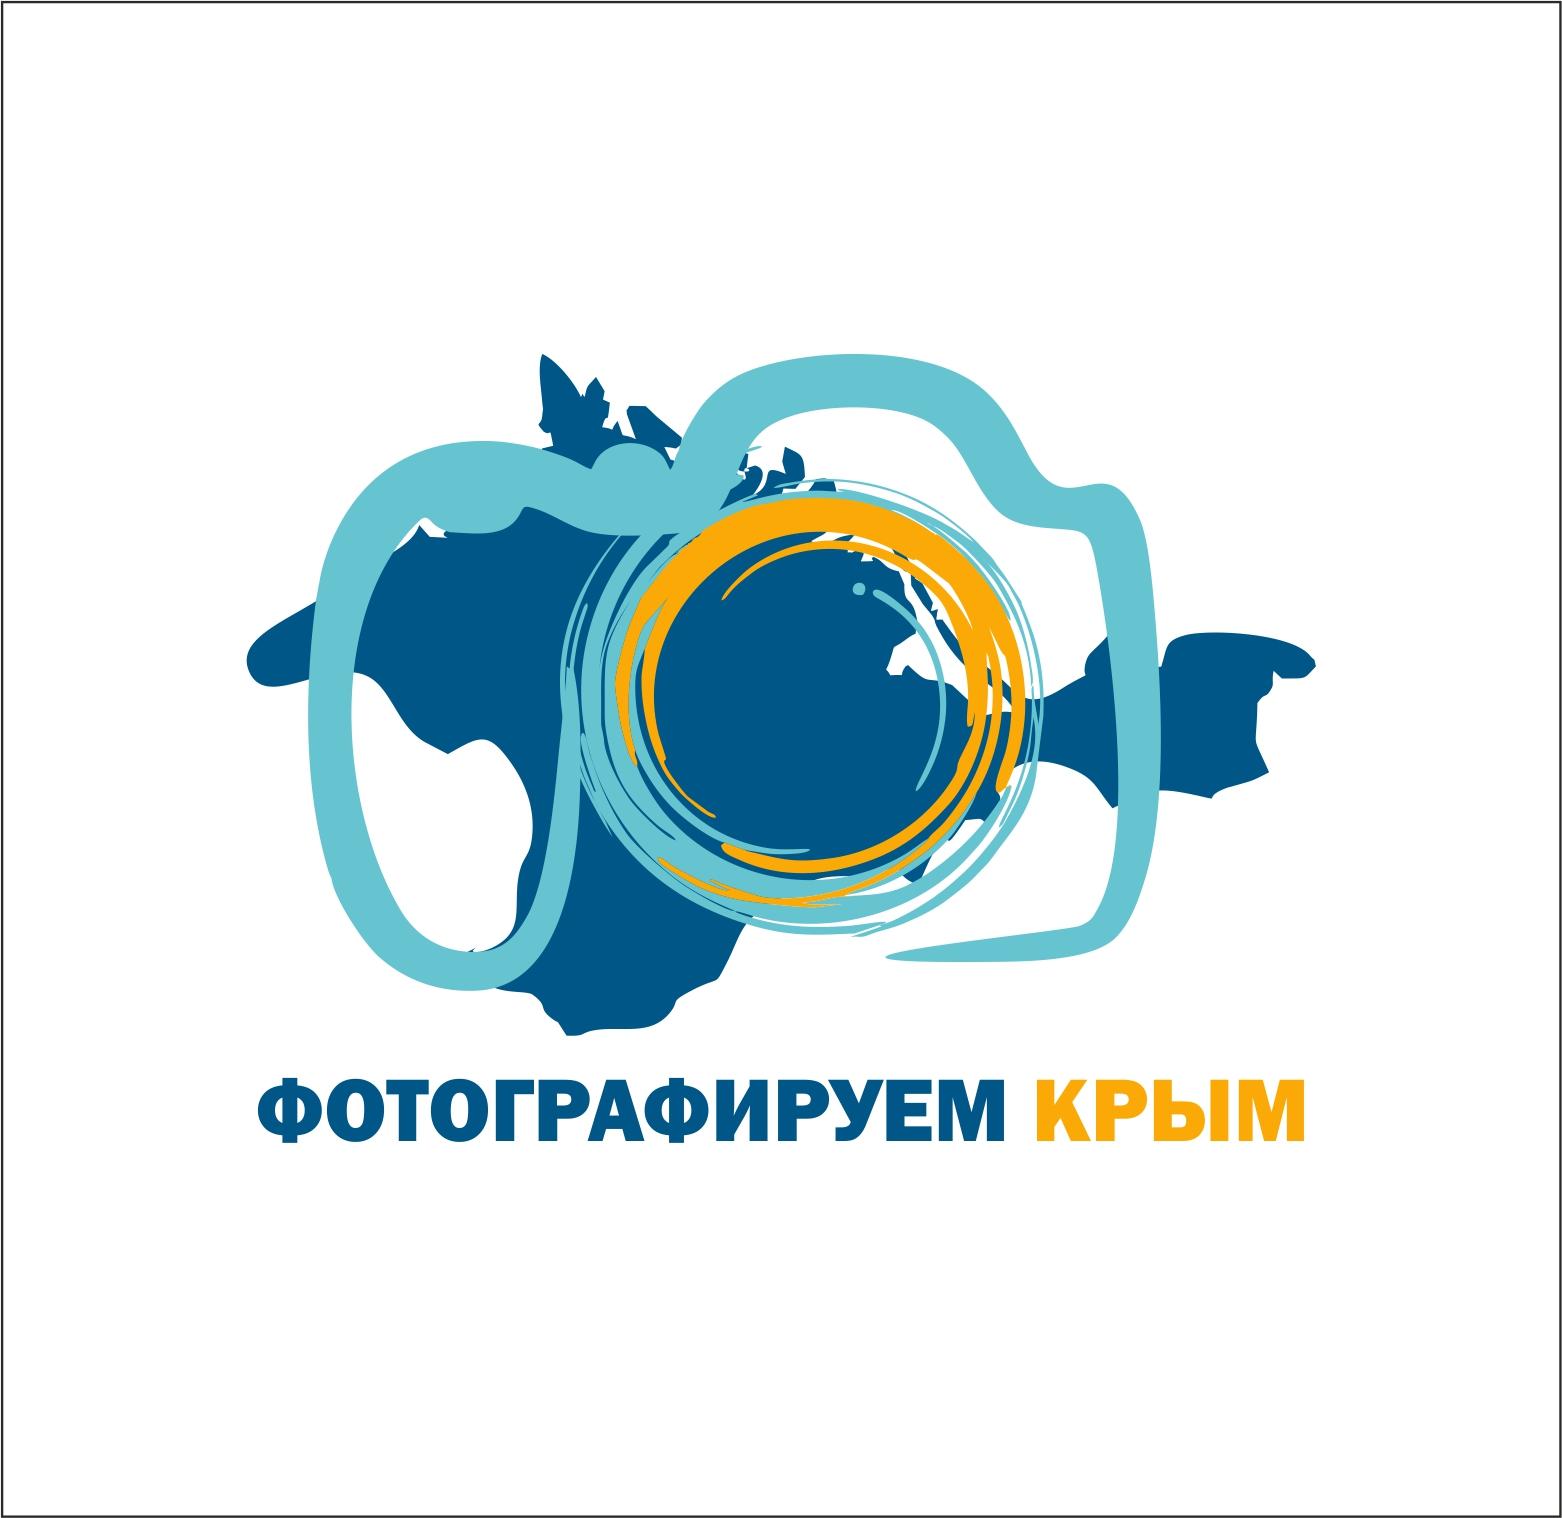 ЛОГОТИП + фирменный стиль фотоконкурса ФОТОГРАФИРУЕМ КРЫМ фото f_6855c09075d9f7a6.jpg